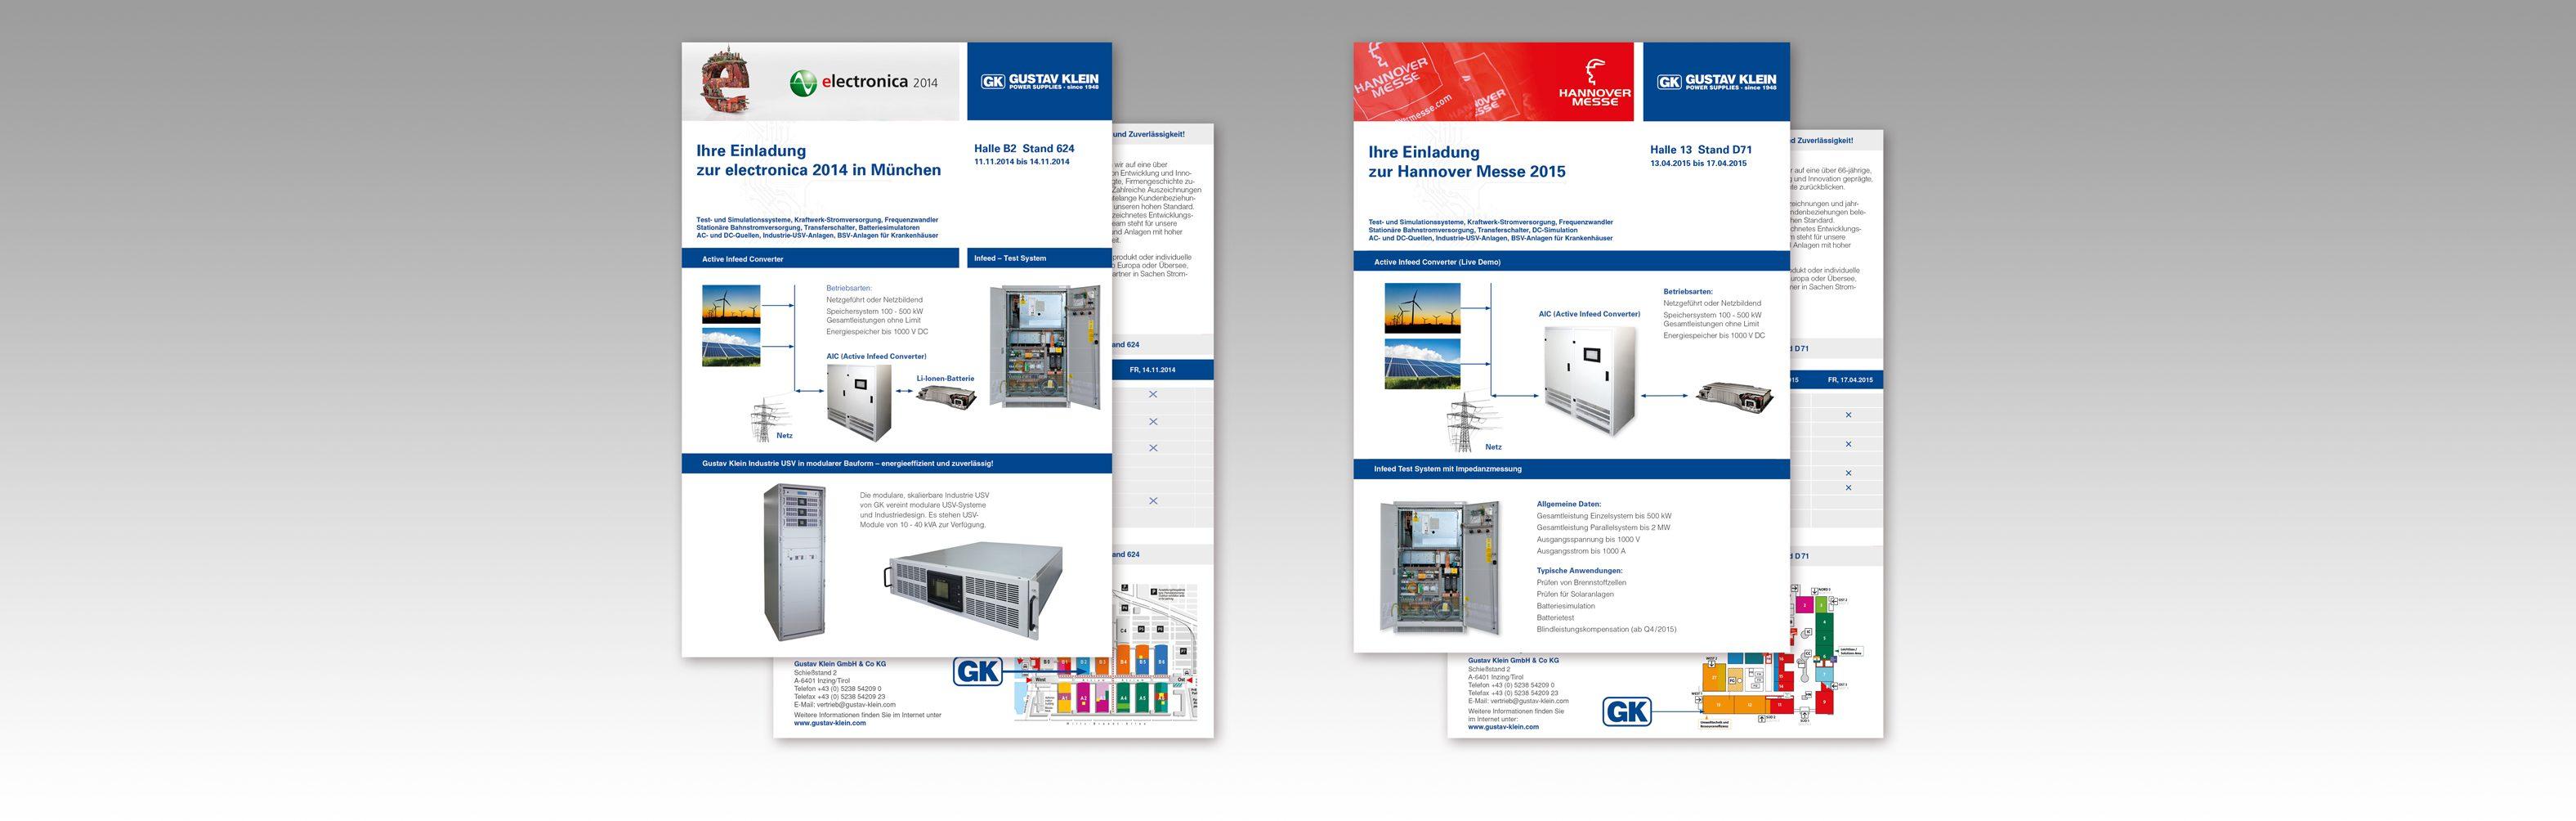 Hier sind zwei verschiedene Einladungsflyer unseres Kunden Gustav Klein abgebildet.